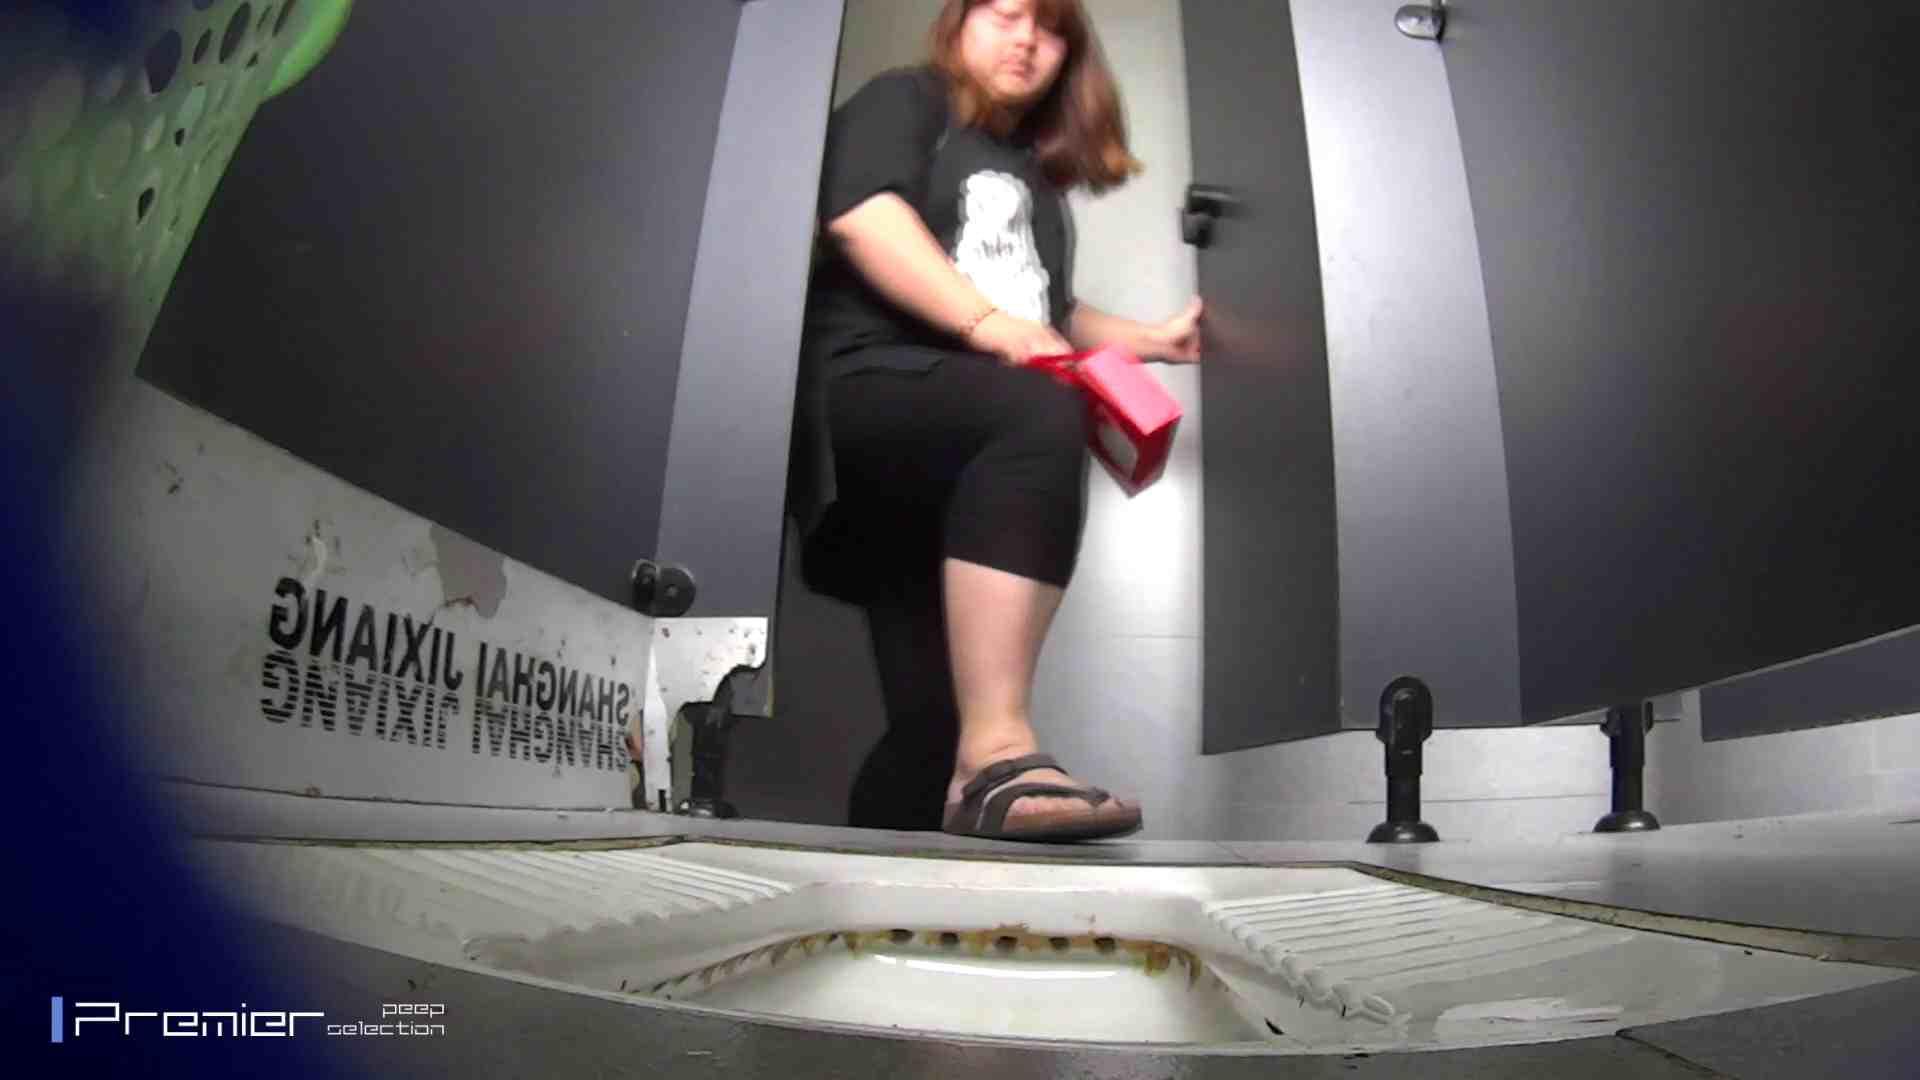 ポチャが多めの洗面所 大学休憩時間の洗面所事情45 美女 のぞきエロ無料画像 105pic 32